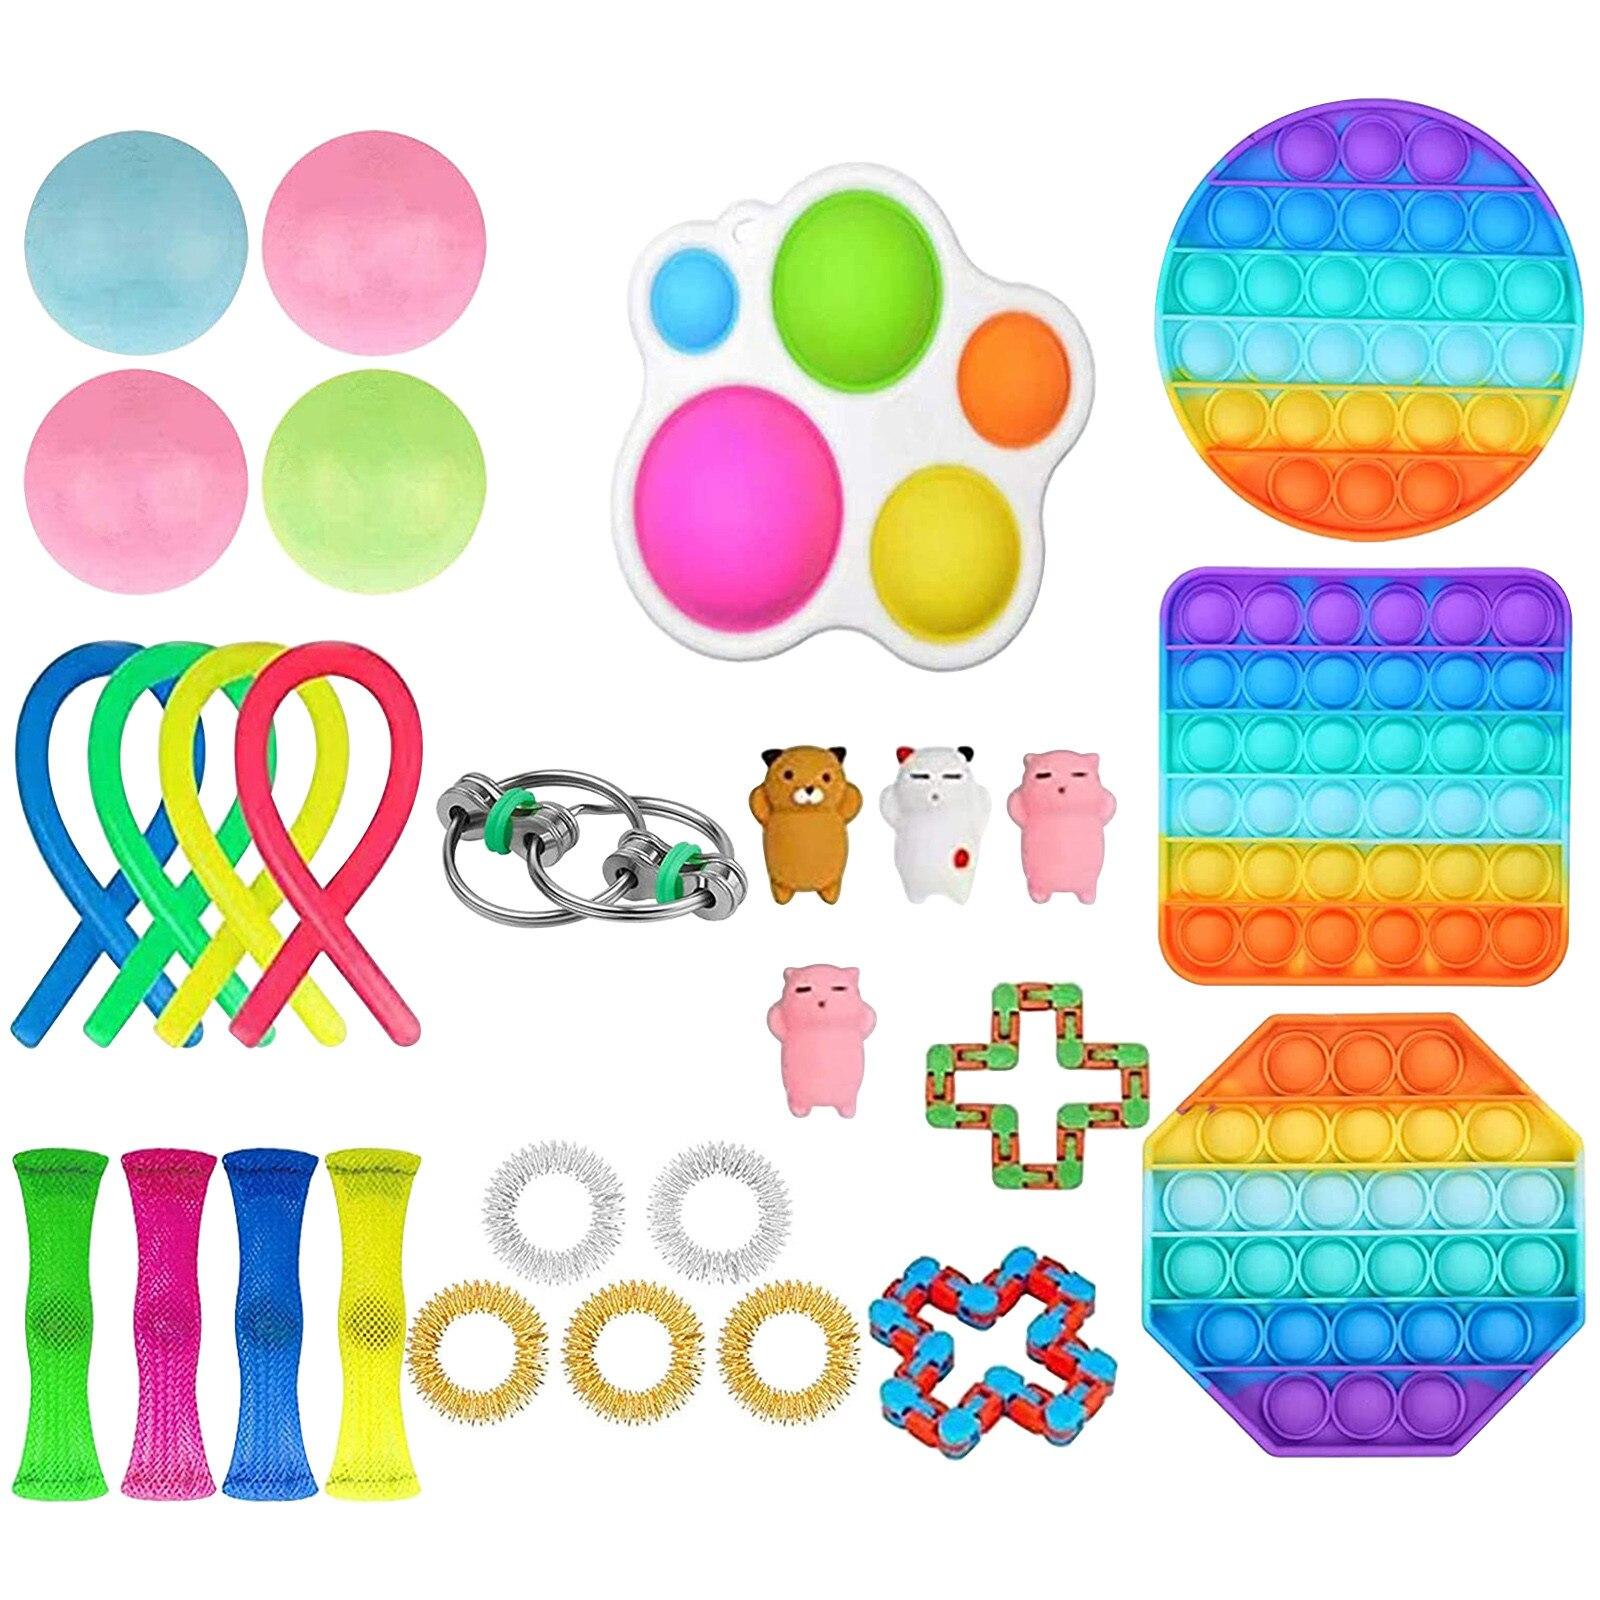 Paquet de jouets sensoriels anti-stress, pour enfants ou adultes, décompression, 23 à 30 pièces